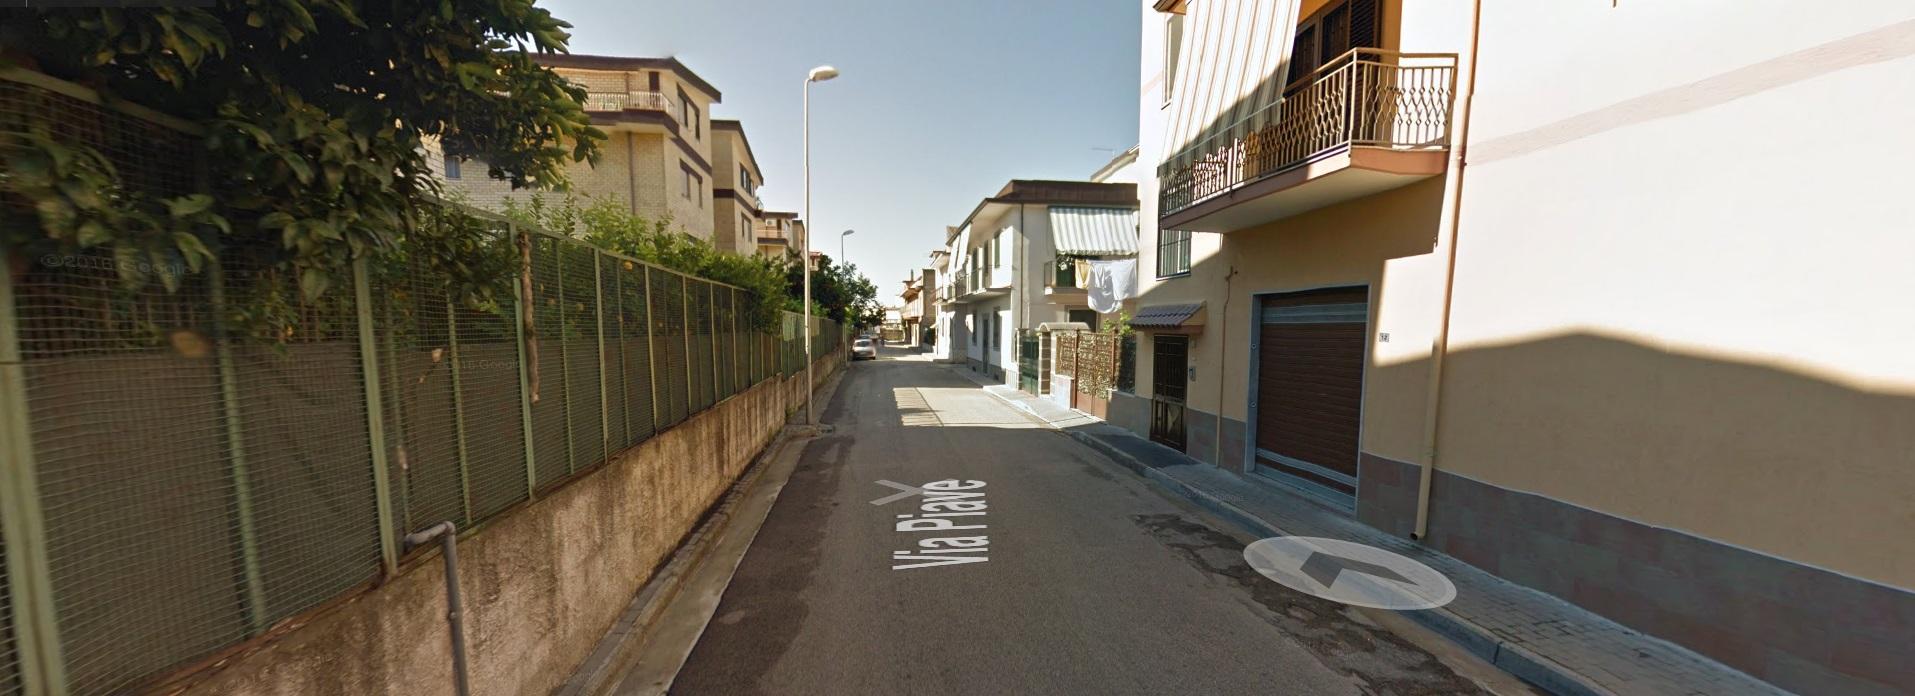 Appartamento in vendita a Casagiove, 4 locali, prezzo € 86.500 | Cambio Casa.it